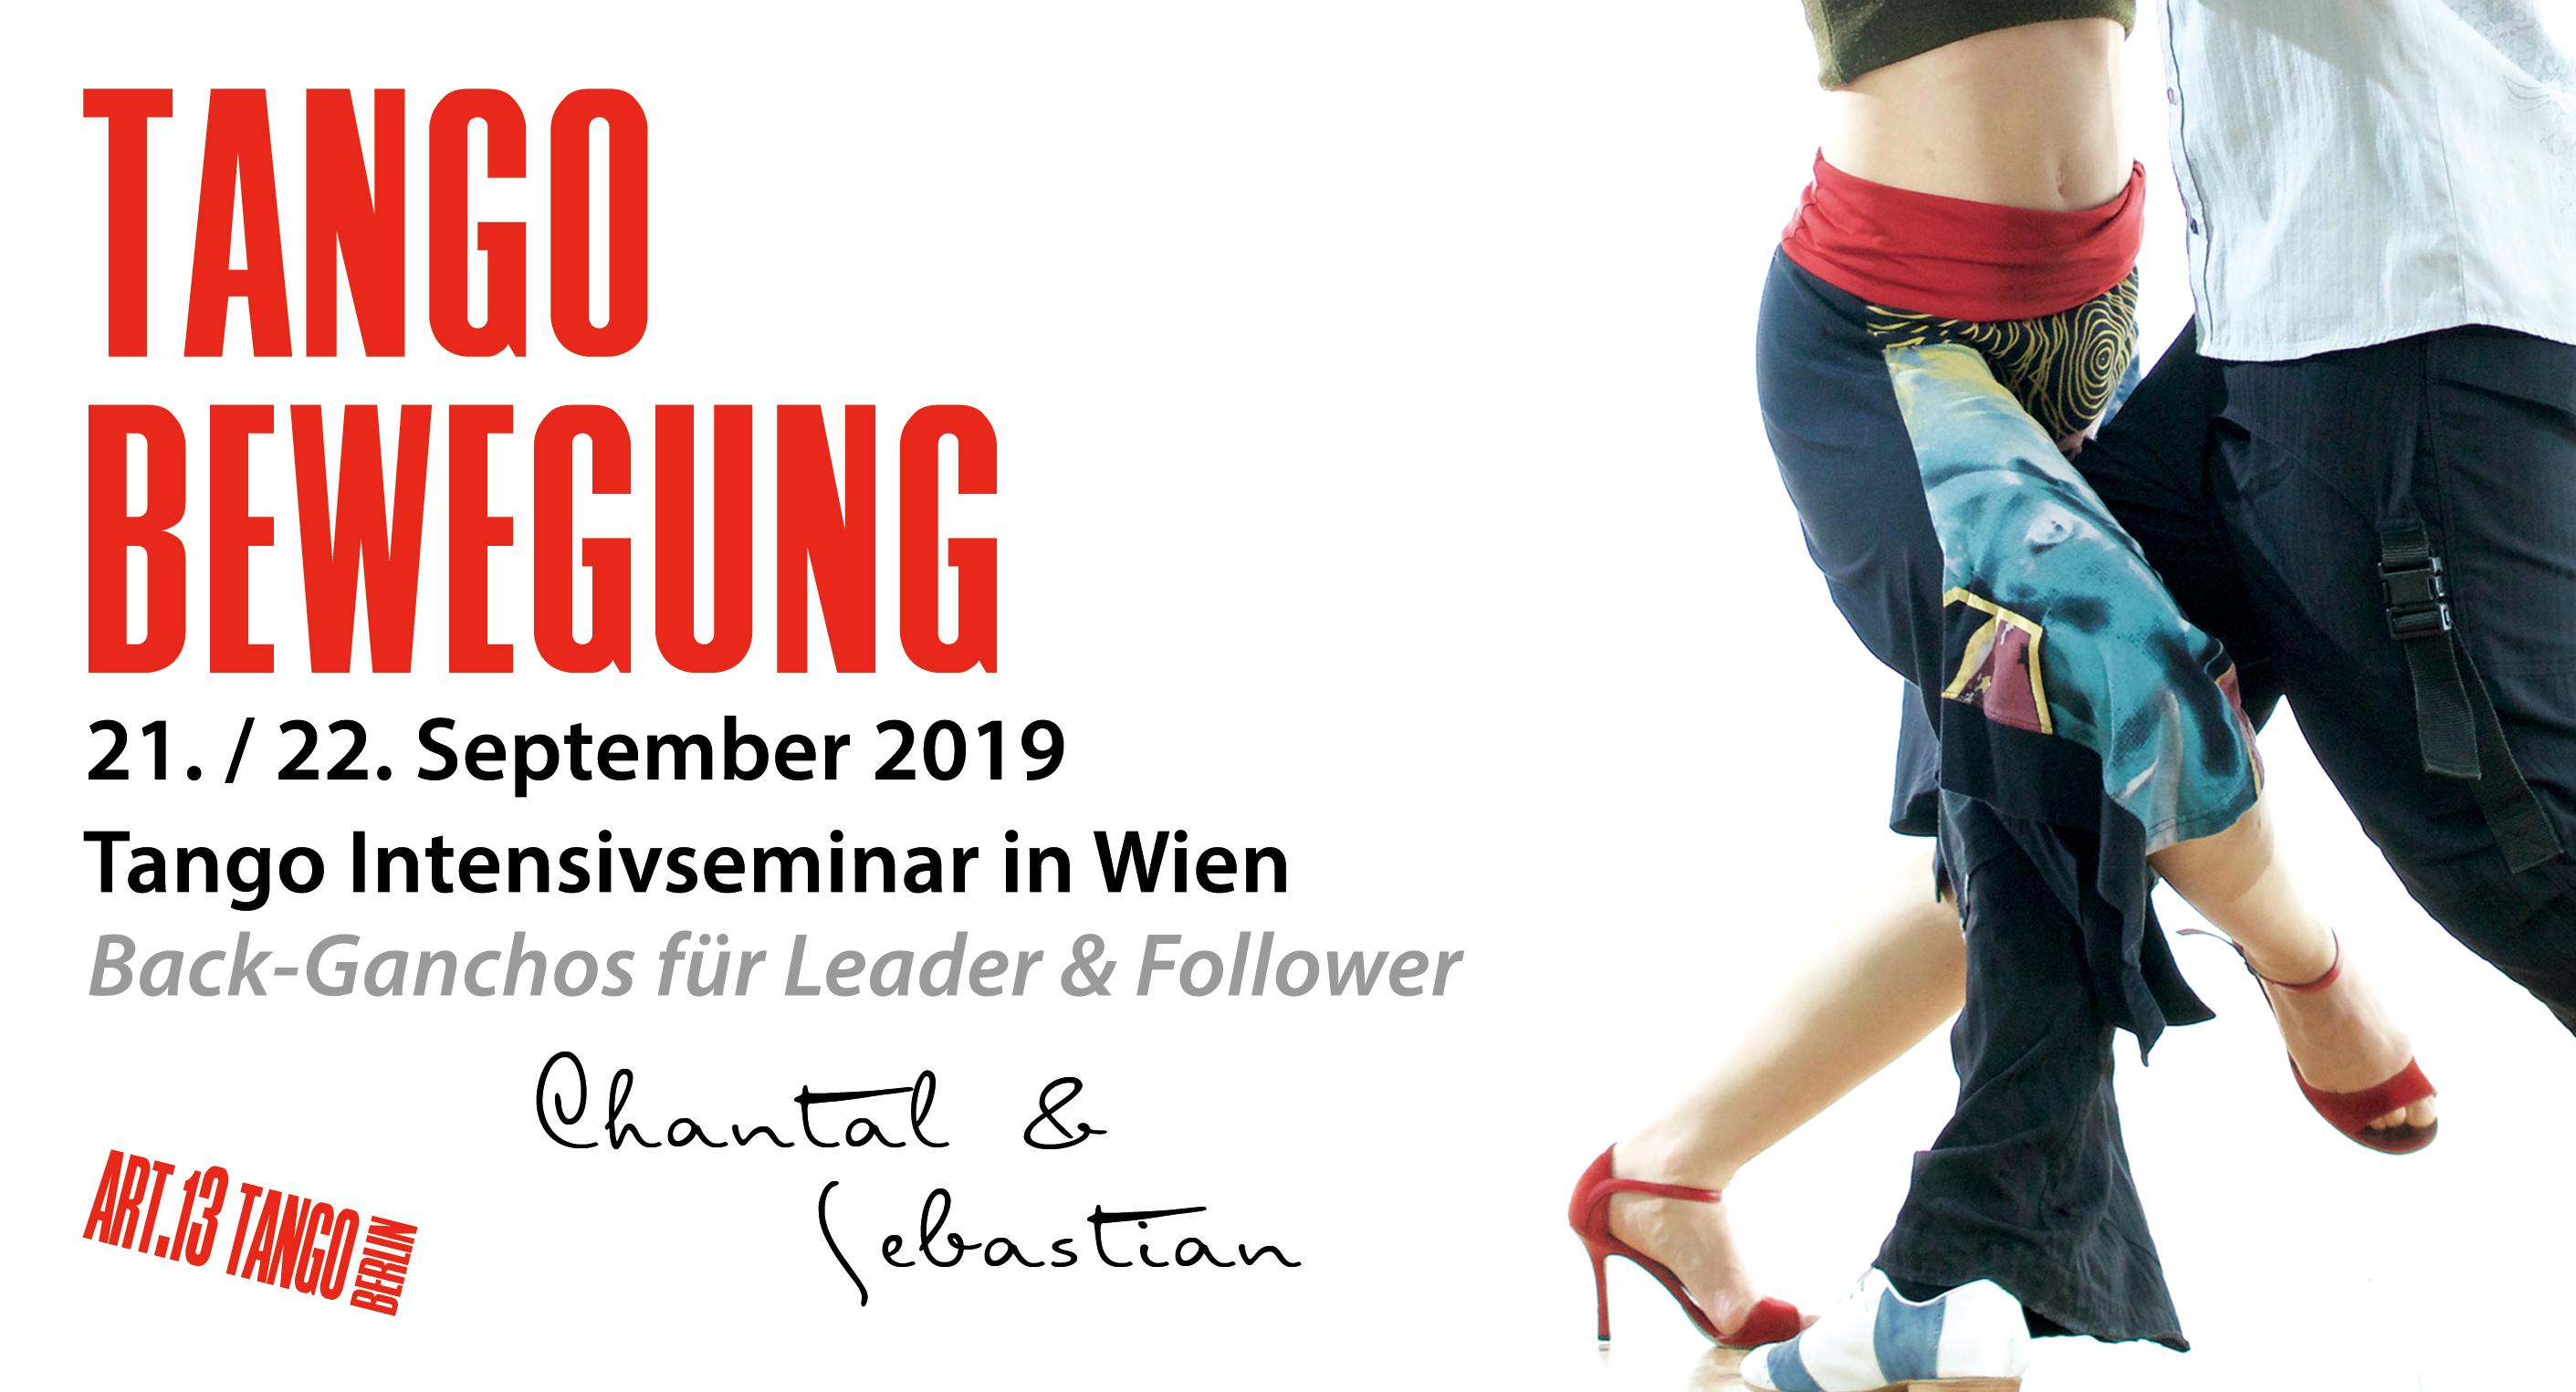 Tangobewegung Wien